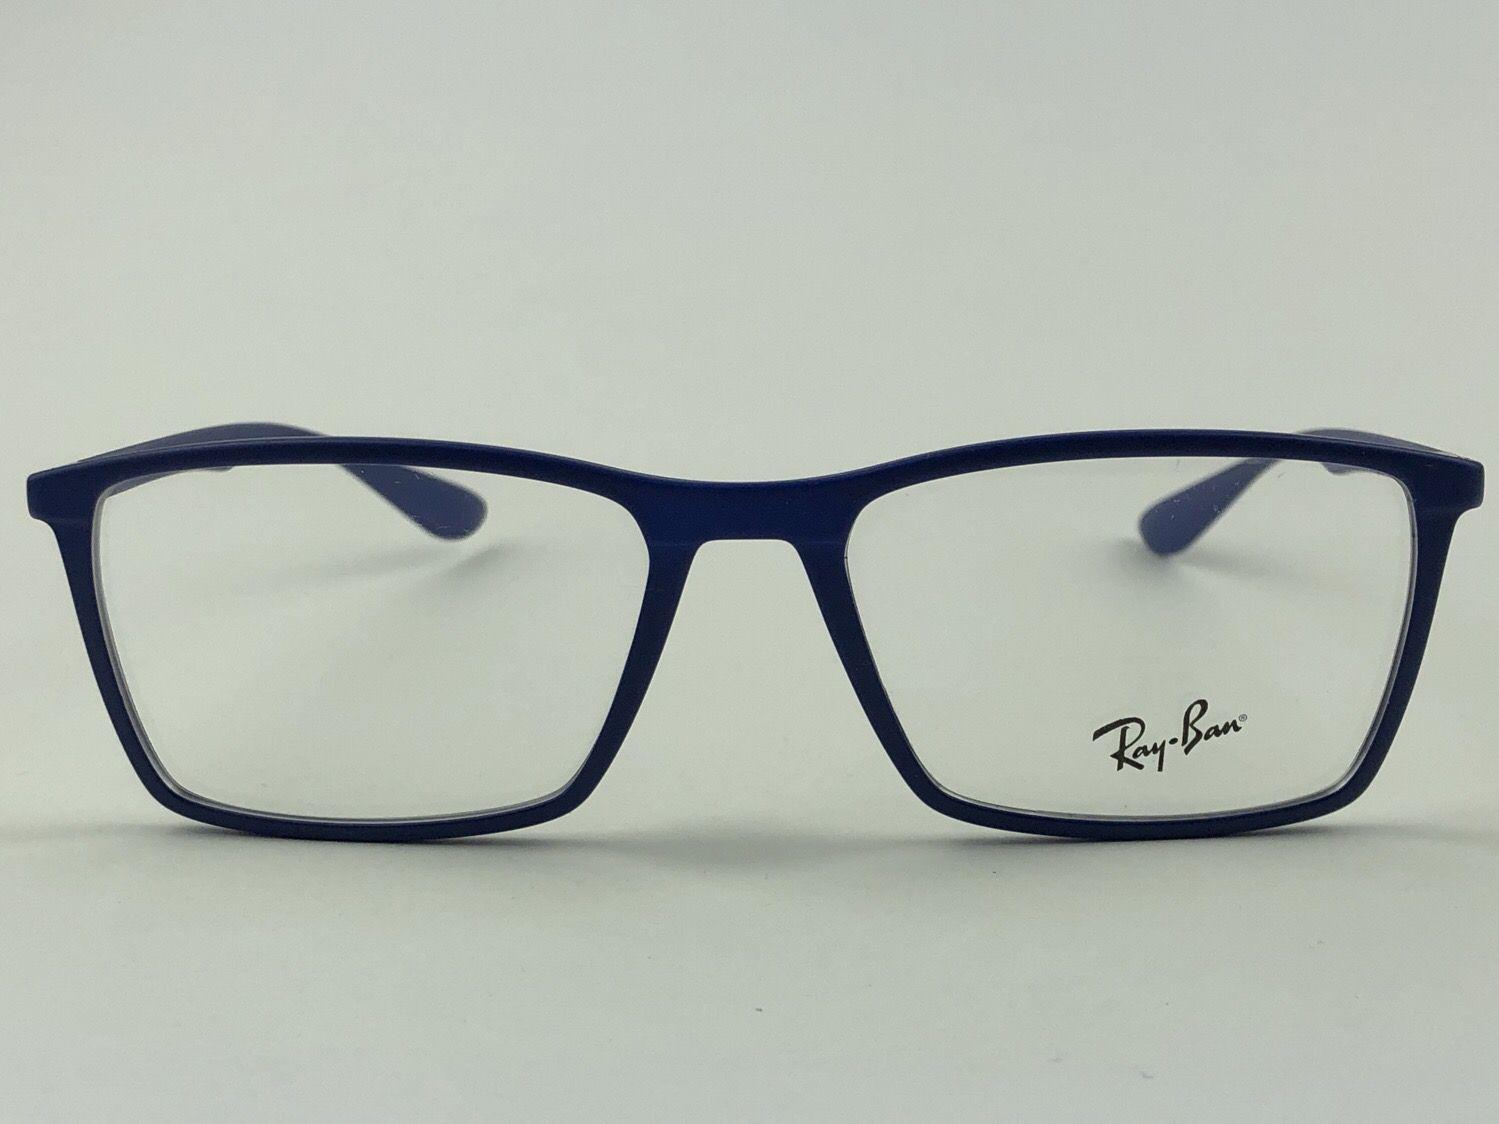 Ray Ban Optical - RX7049 - Azul - 5439 - 56/17 - Armação para grau